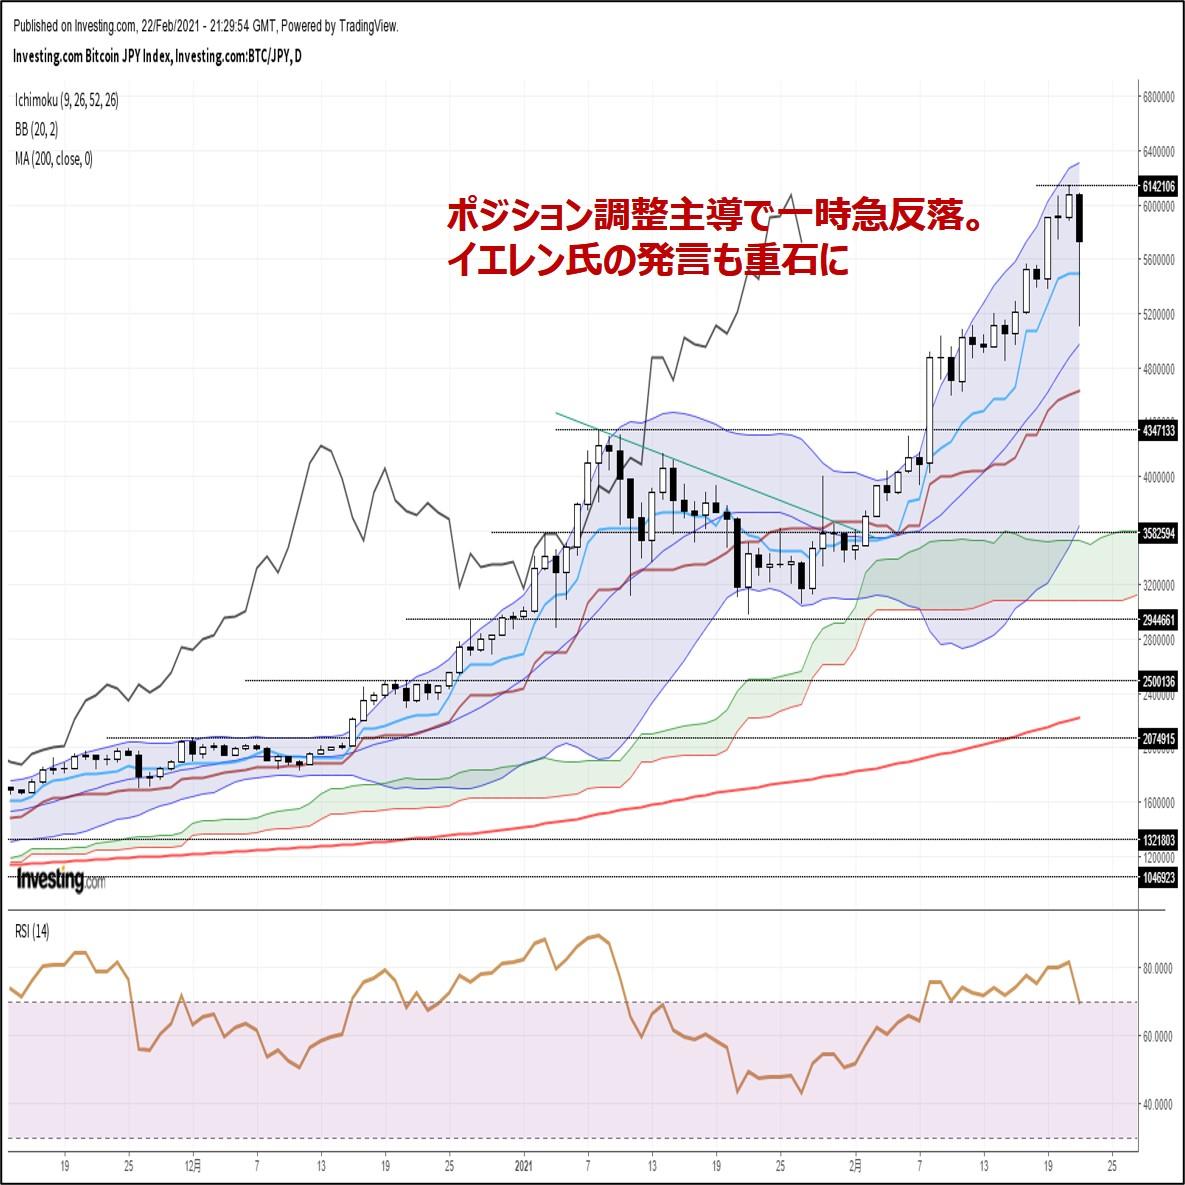 ビットコイン円、ポジション調整主導で急反落。イエレン氏の発言も重石に(2/23朝)